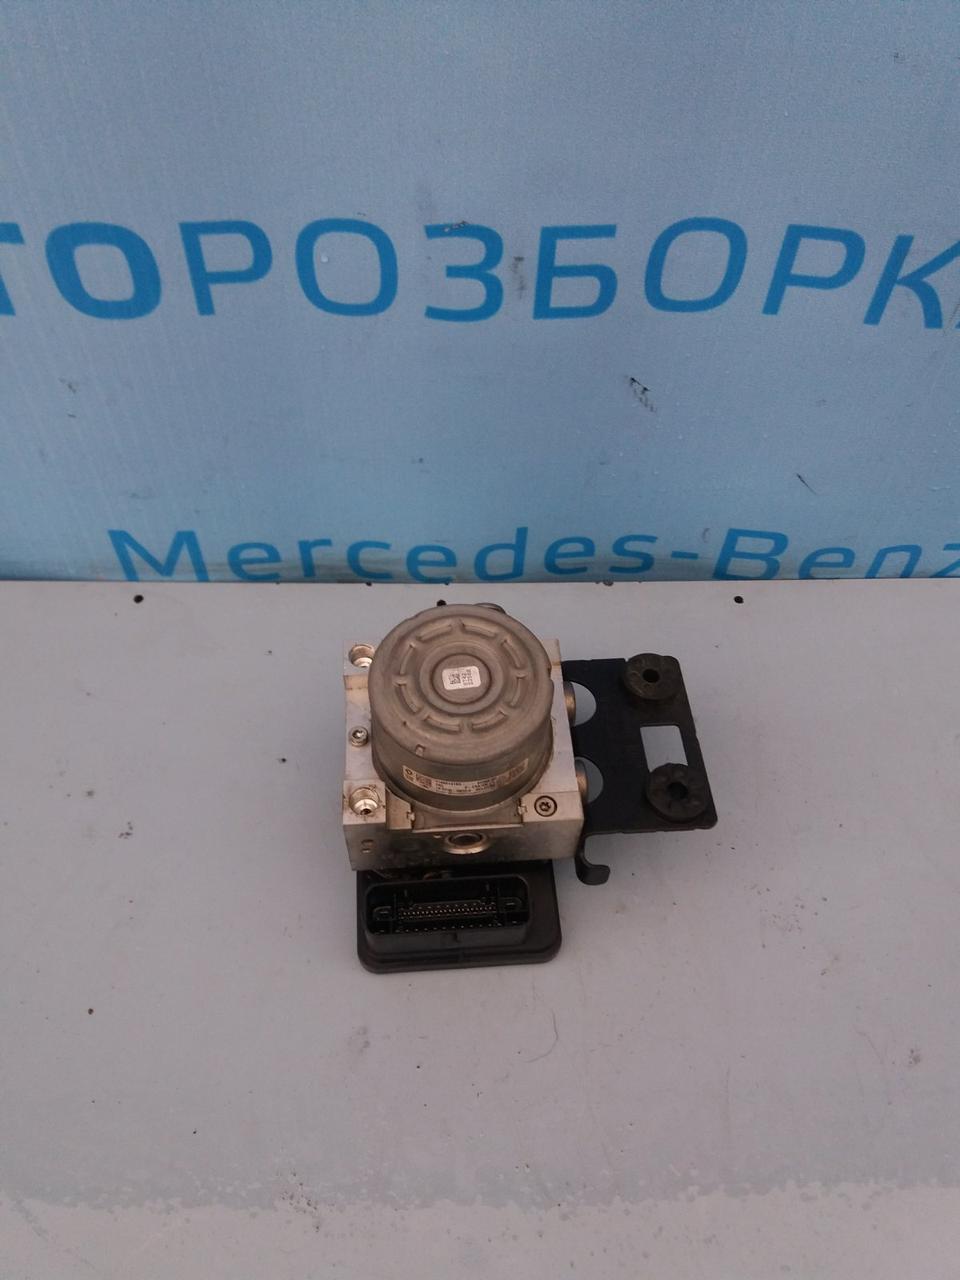 Блок управления ABS 476601418r для Ниссан НВ 300 1.6 dci Nissan NV300 2014-2019 г. в.